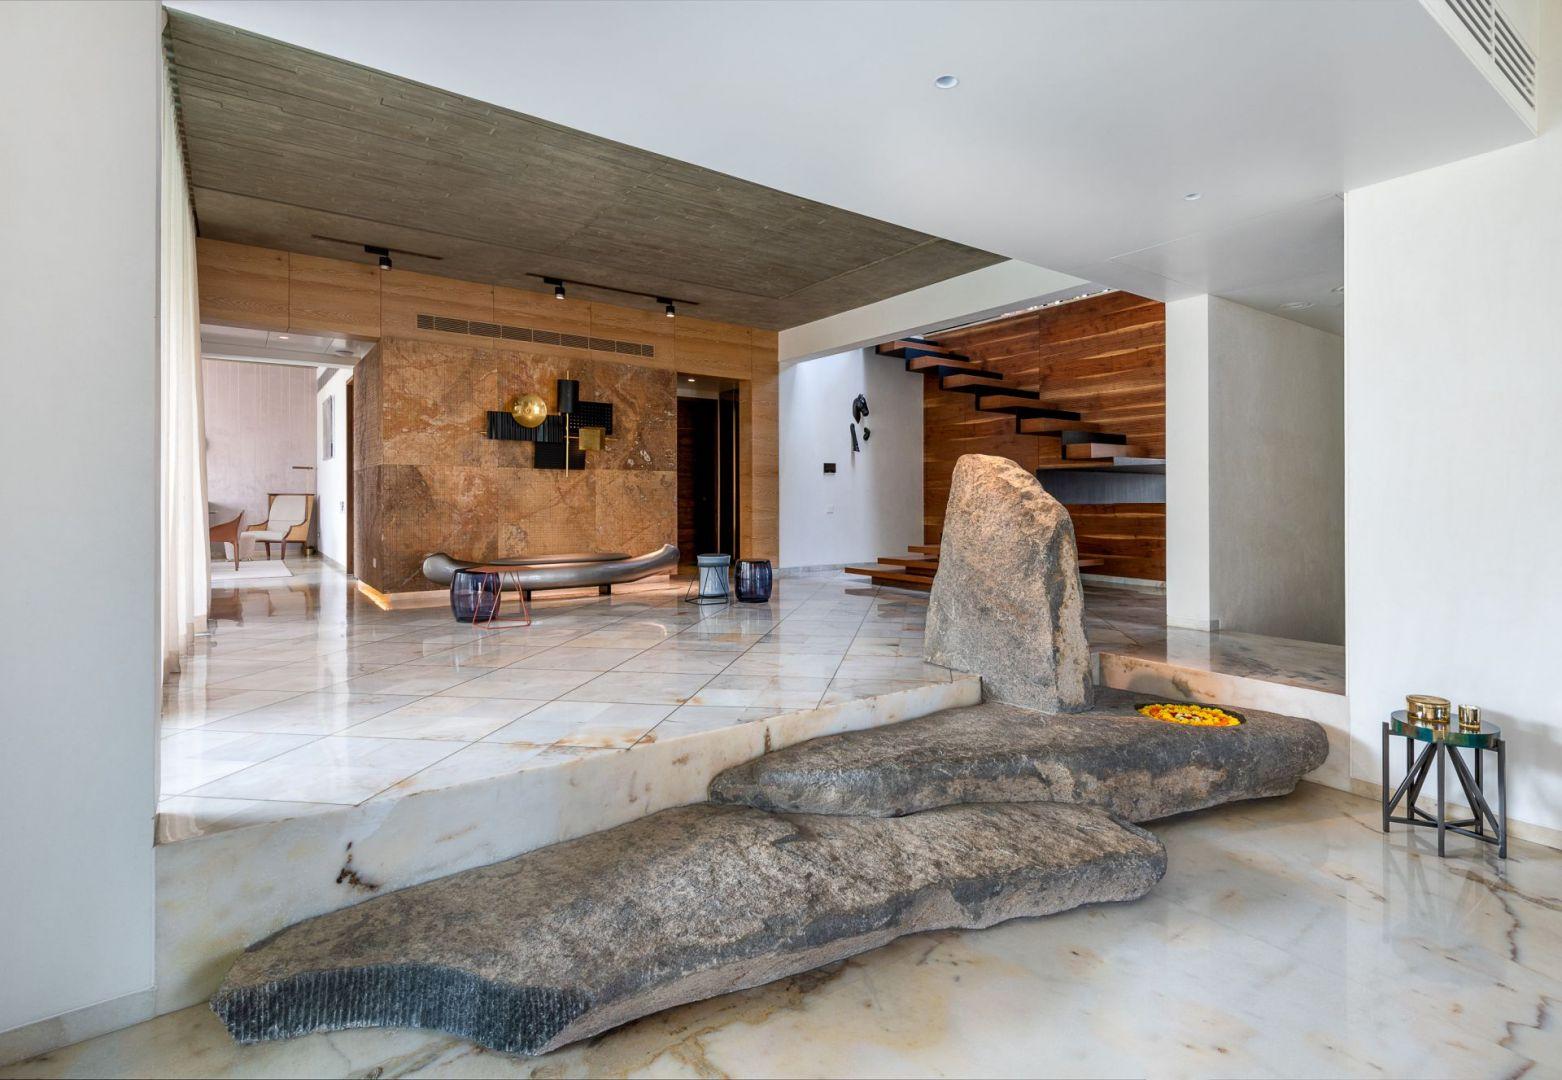 Kamienie jako element dekoracji wnętrza. Projekt: NA Architects. Zdjęcia: Boca do Lobo